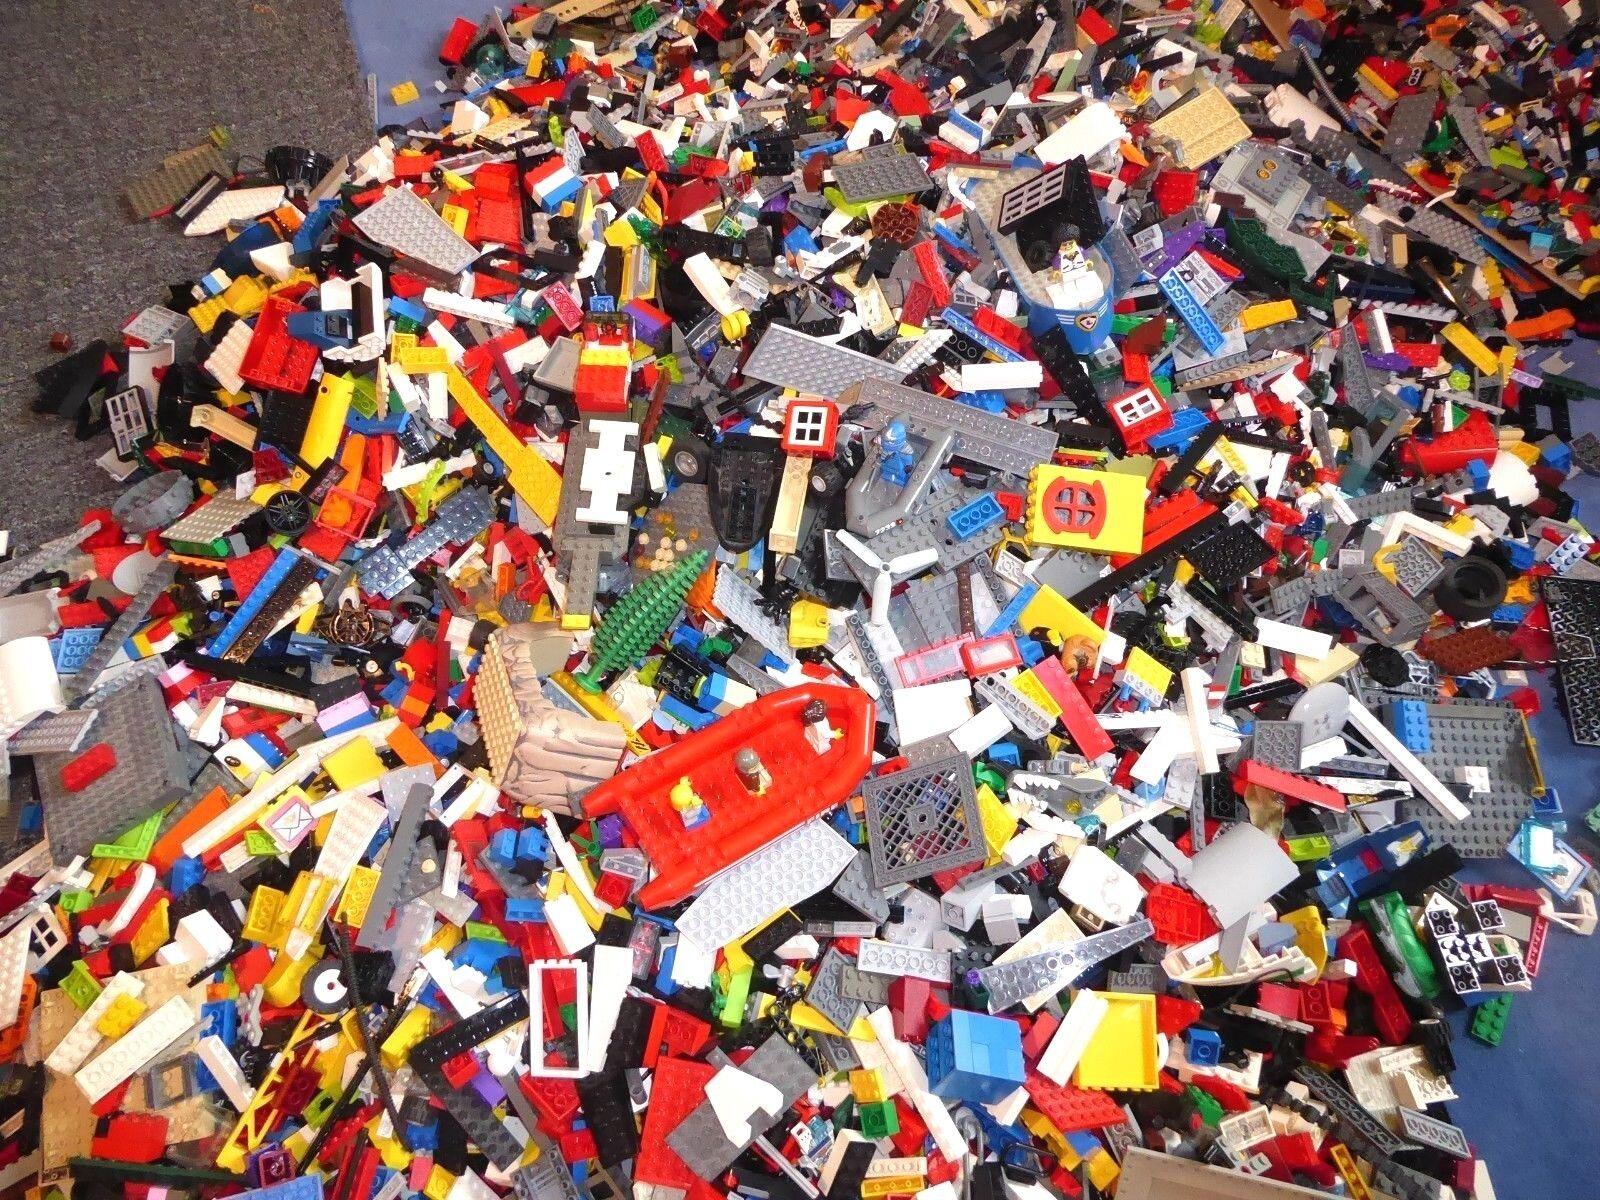 LEGO 3 kg Konvolut, Sondersteine Spezialsteine Platten, Räder, Basics - Figuren